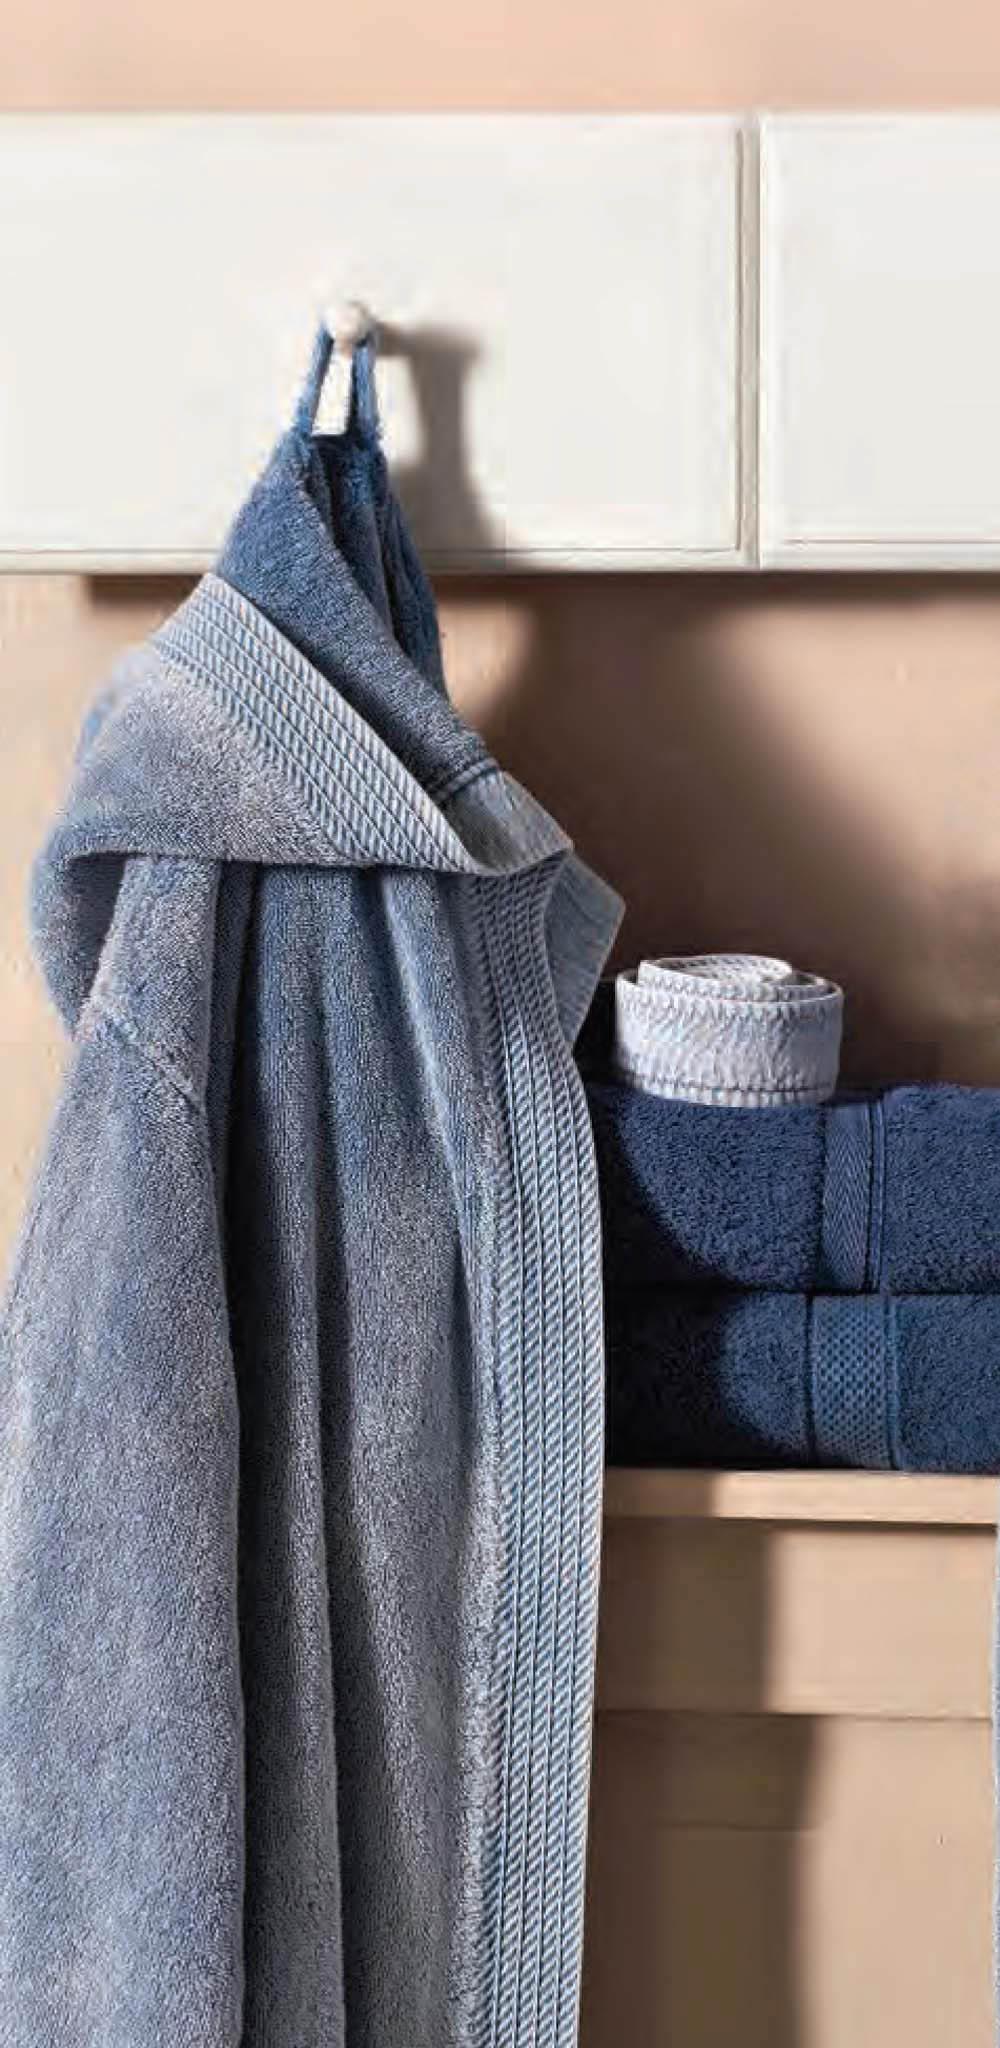 Сауны, бани и оборудование Primavelle Халат Jeans Цвет: Джинса (S-M) сауны бани и оборудование valentini набор для сауны fantasy